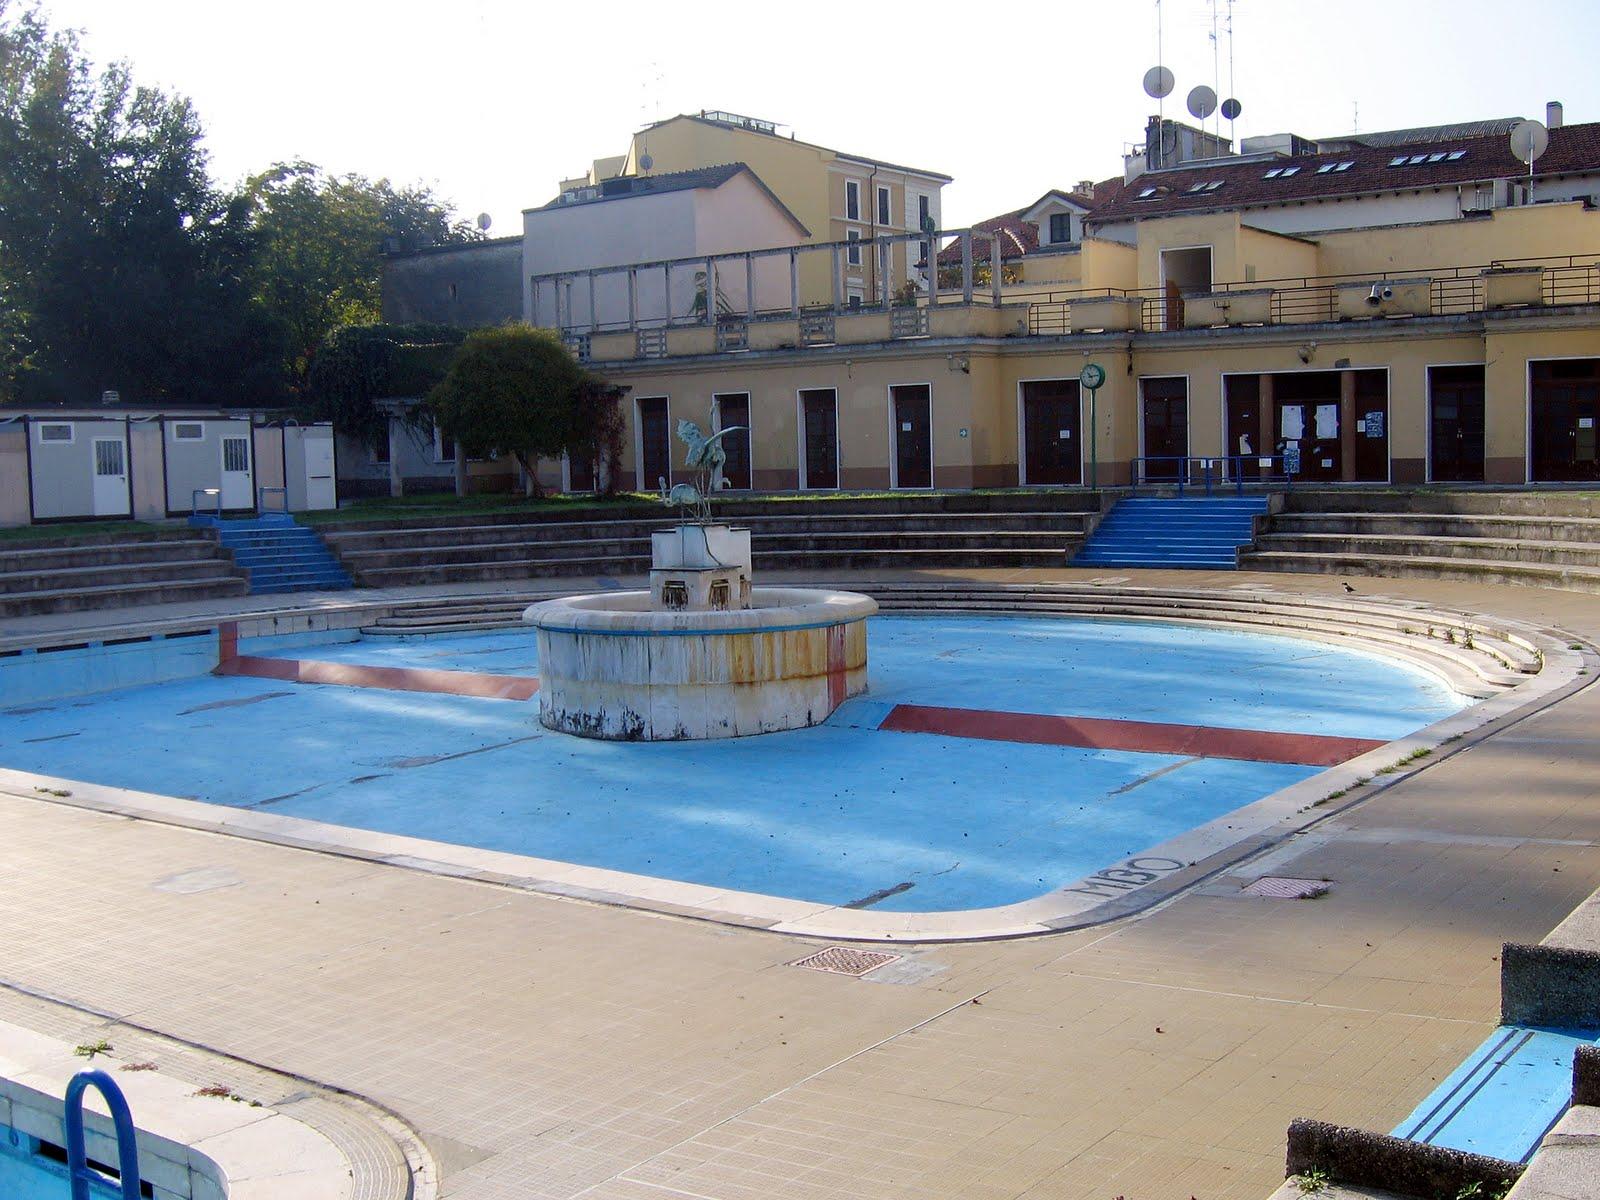 I bagni botta e la piscina caimi per milano con la for Allergia al cloro delle piscine